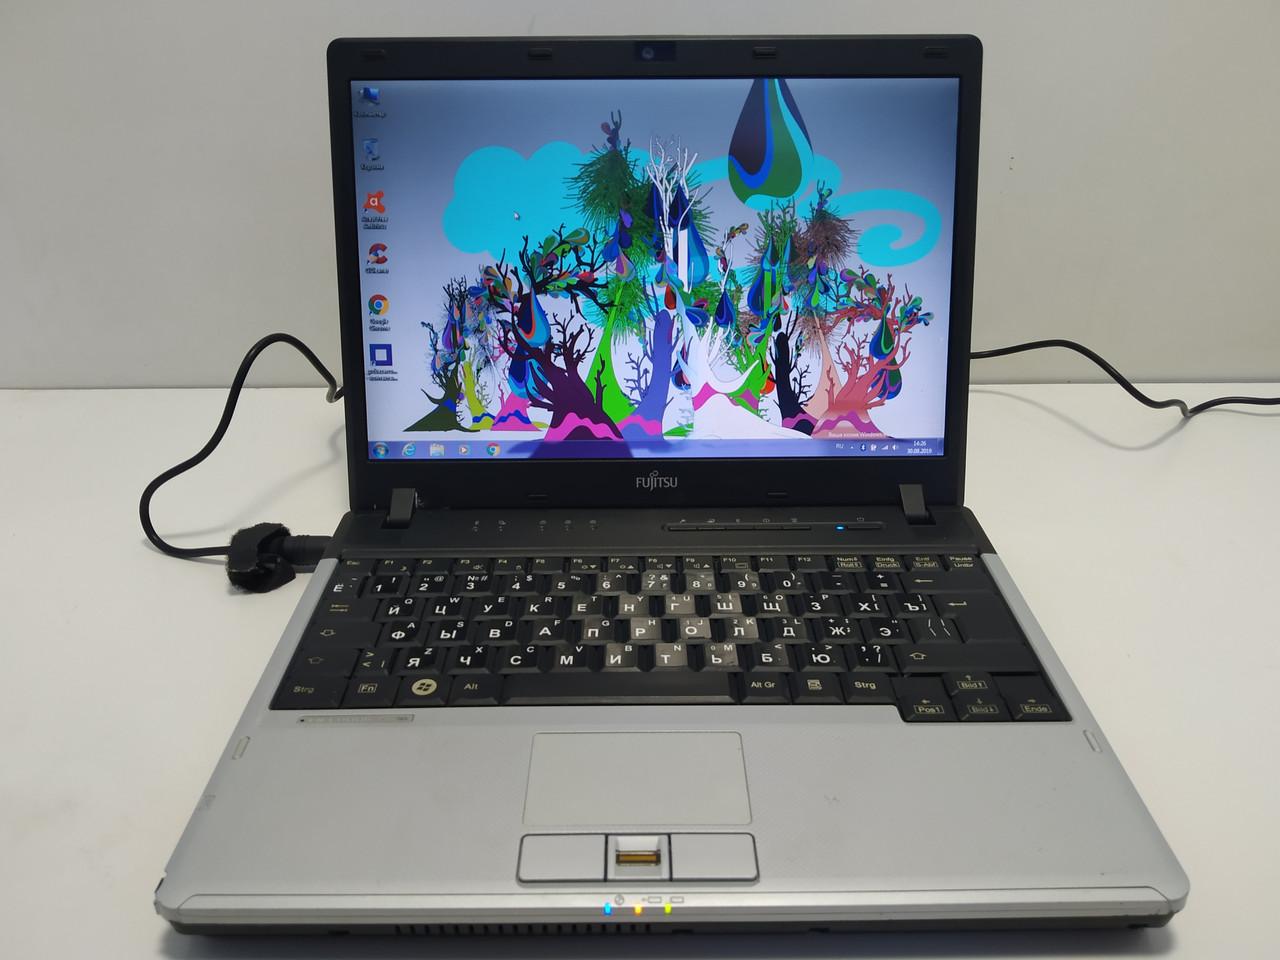 """12"""" Fujitsu Lifebook P770 \ i7 U620 1.07-2.13\ 4 ГБ ОЗУ \ 160 Гб hdd\ Полностью настроен"""